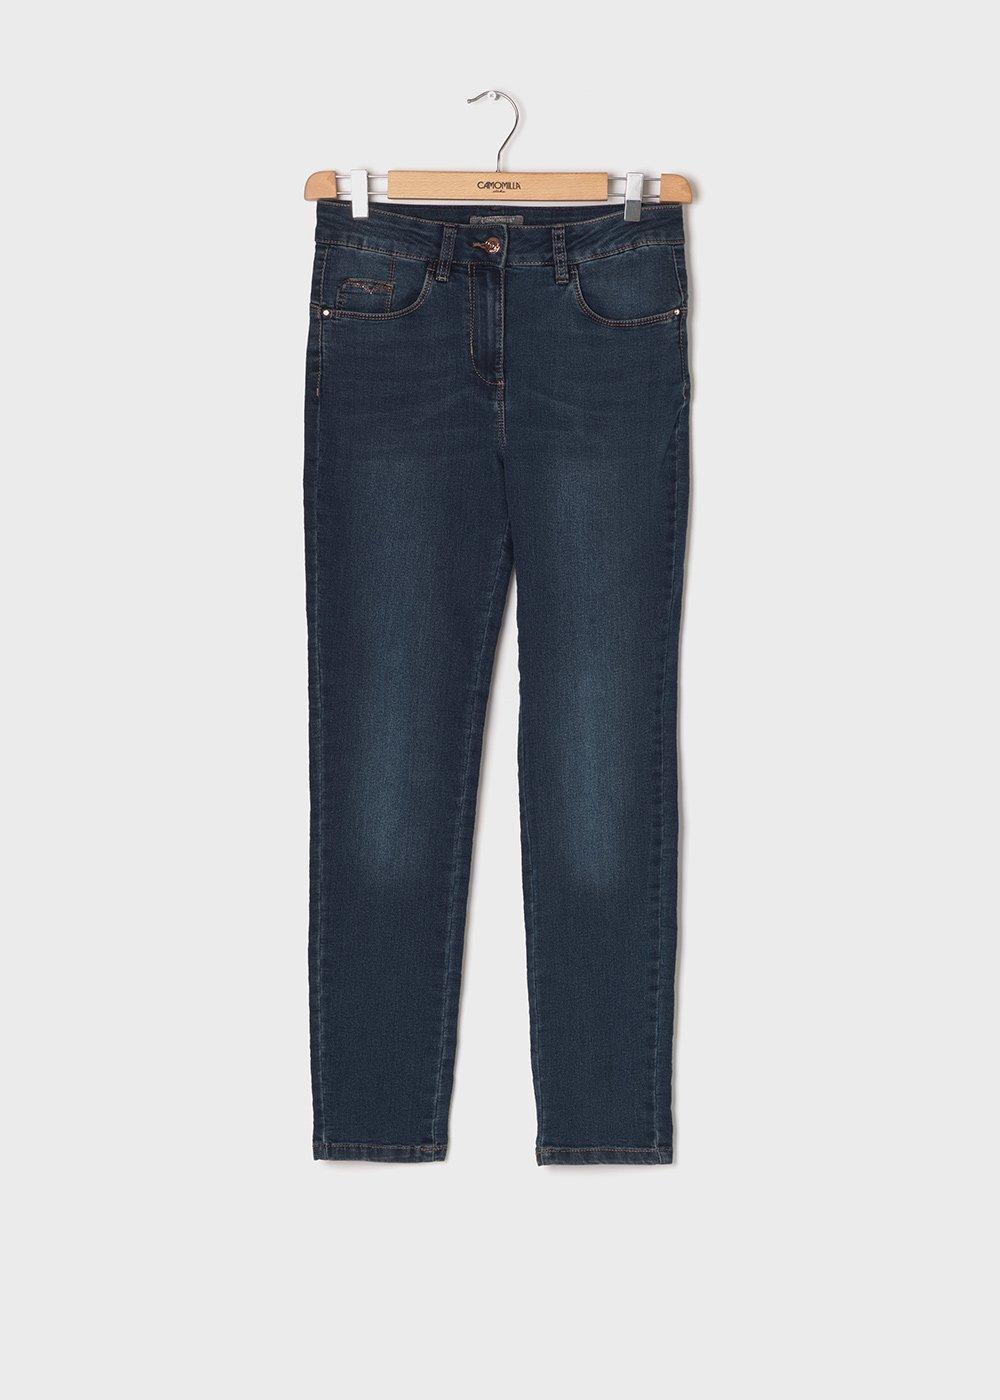 5 - pocket slim leg denim - Medium Denim - Woman